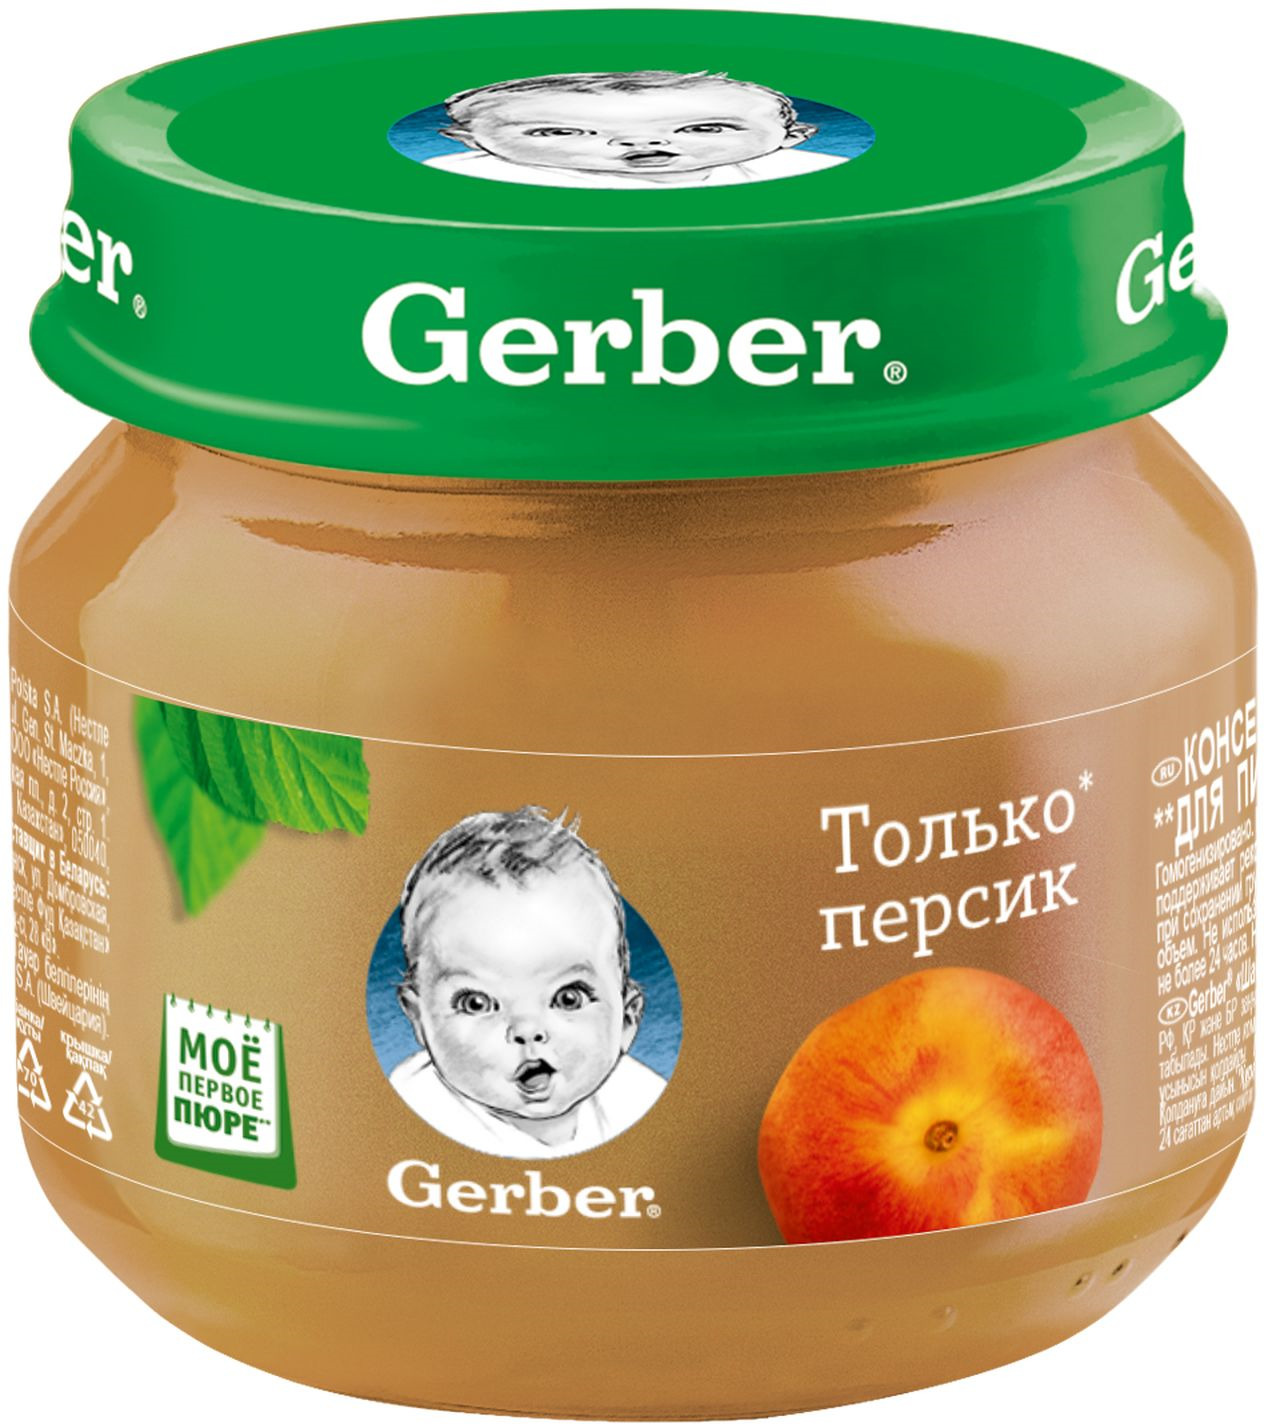 Gerber пюре персик, 80 г12101680Однокомпонентные фруктовые пюре Gerber идеально подходят для первого прикорма. Фруктовое пюре Gerber персик - это первое знакомство малыша с разнообразием вкусов, приготовленное из натуральных фруктов, богатых клетчаткой, органическими кислотами, Рекомендуем!